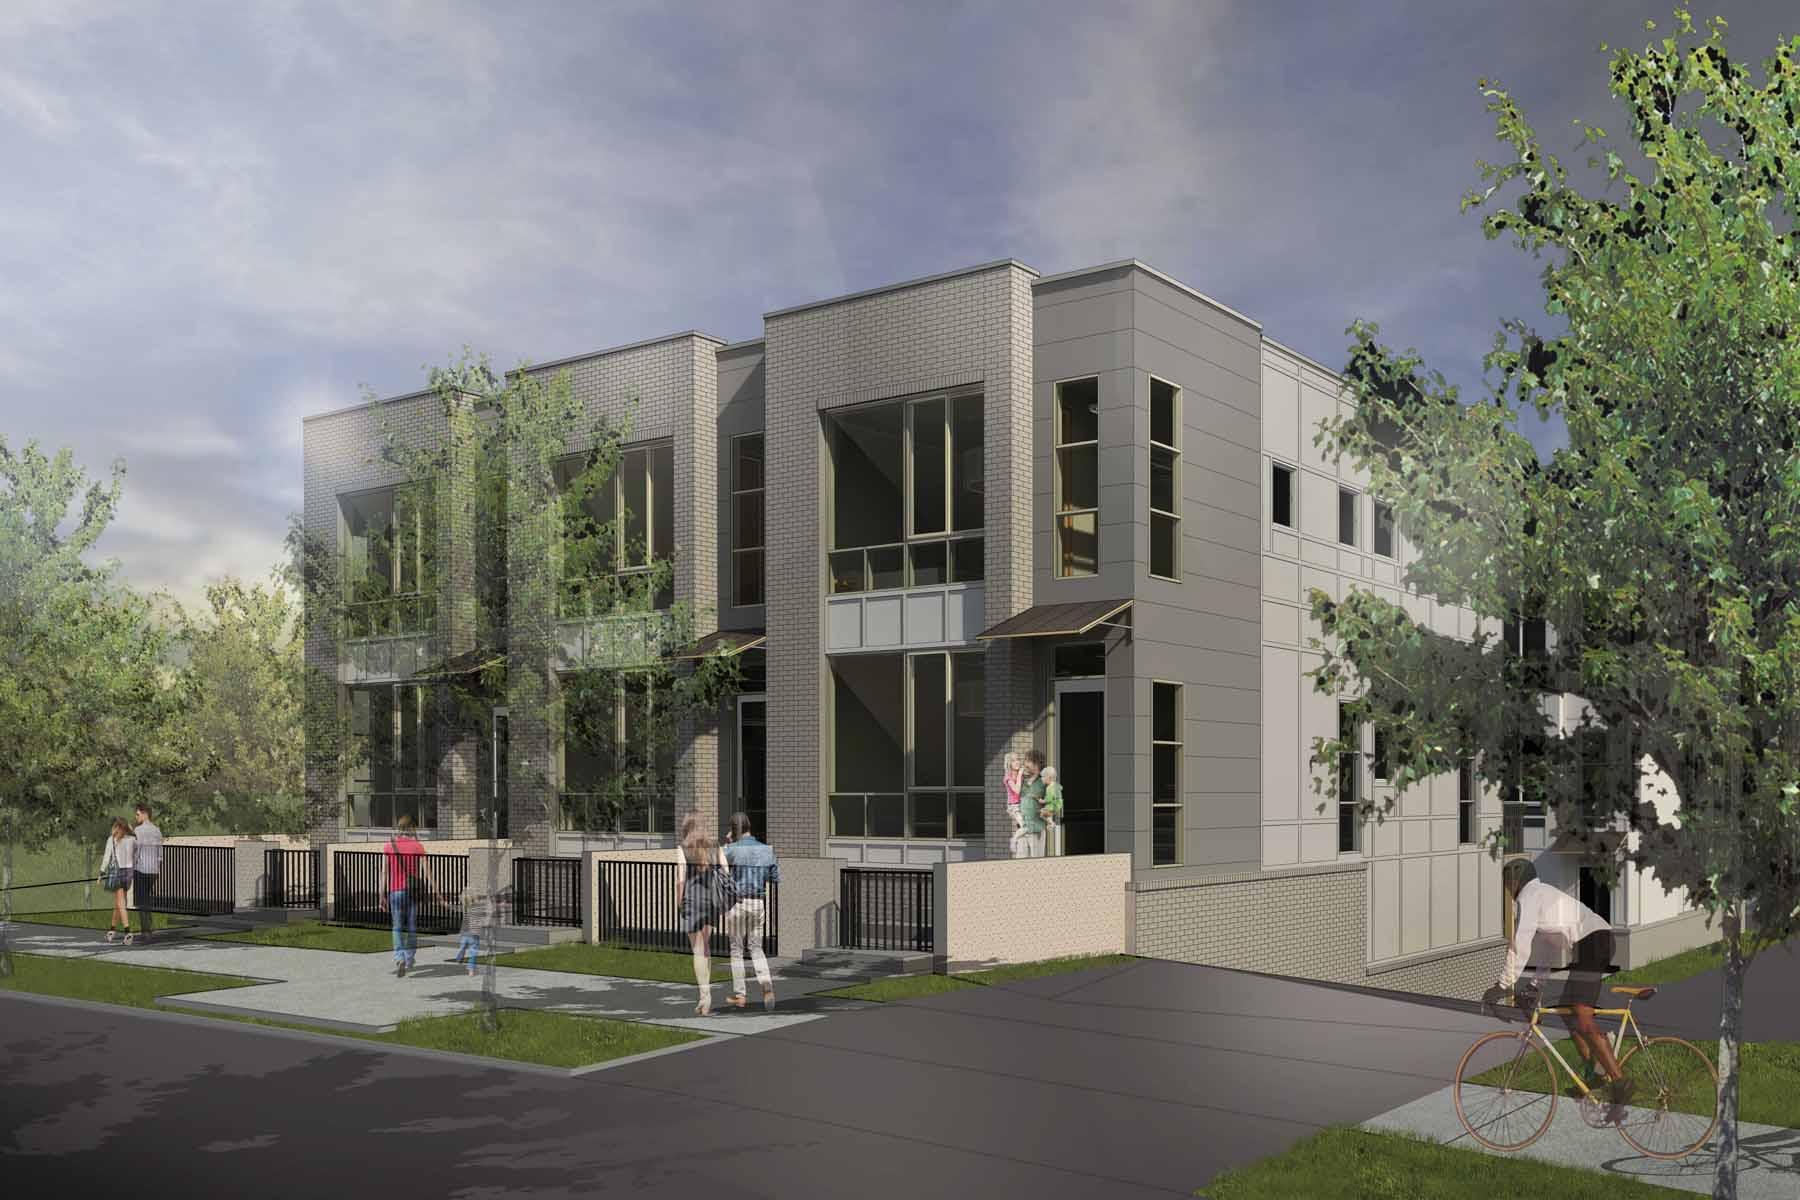 タウンハウス のために 売買 アット Modern Townhome Community 1463 La France Street, 1A Edgewood, Atlanta, ジョージア, 30307 アメリカ合衆国